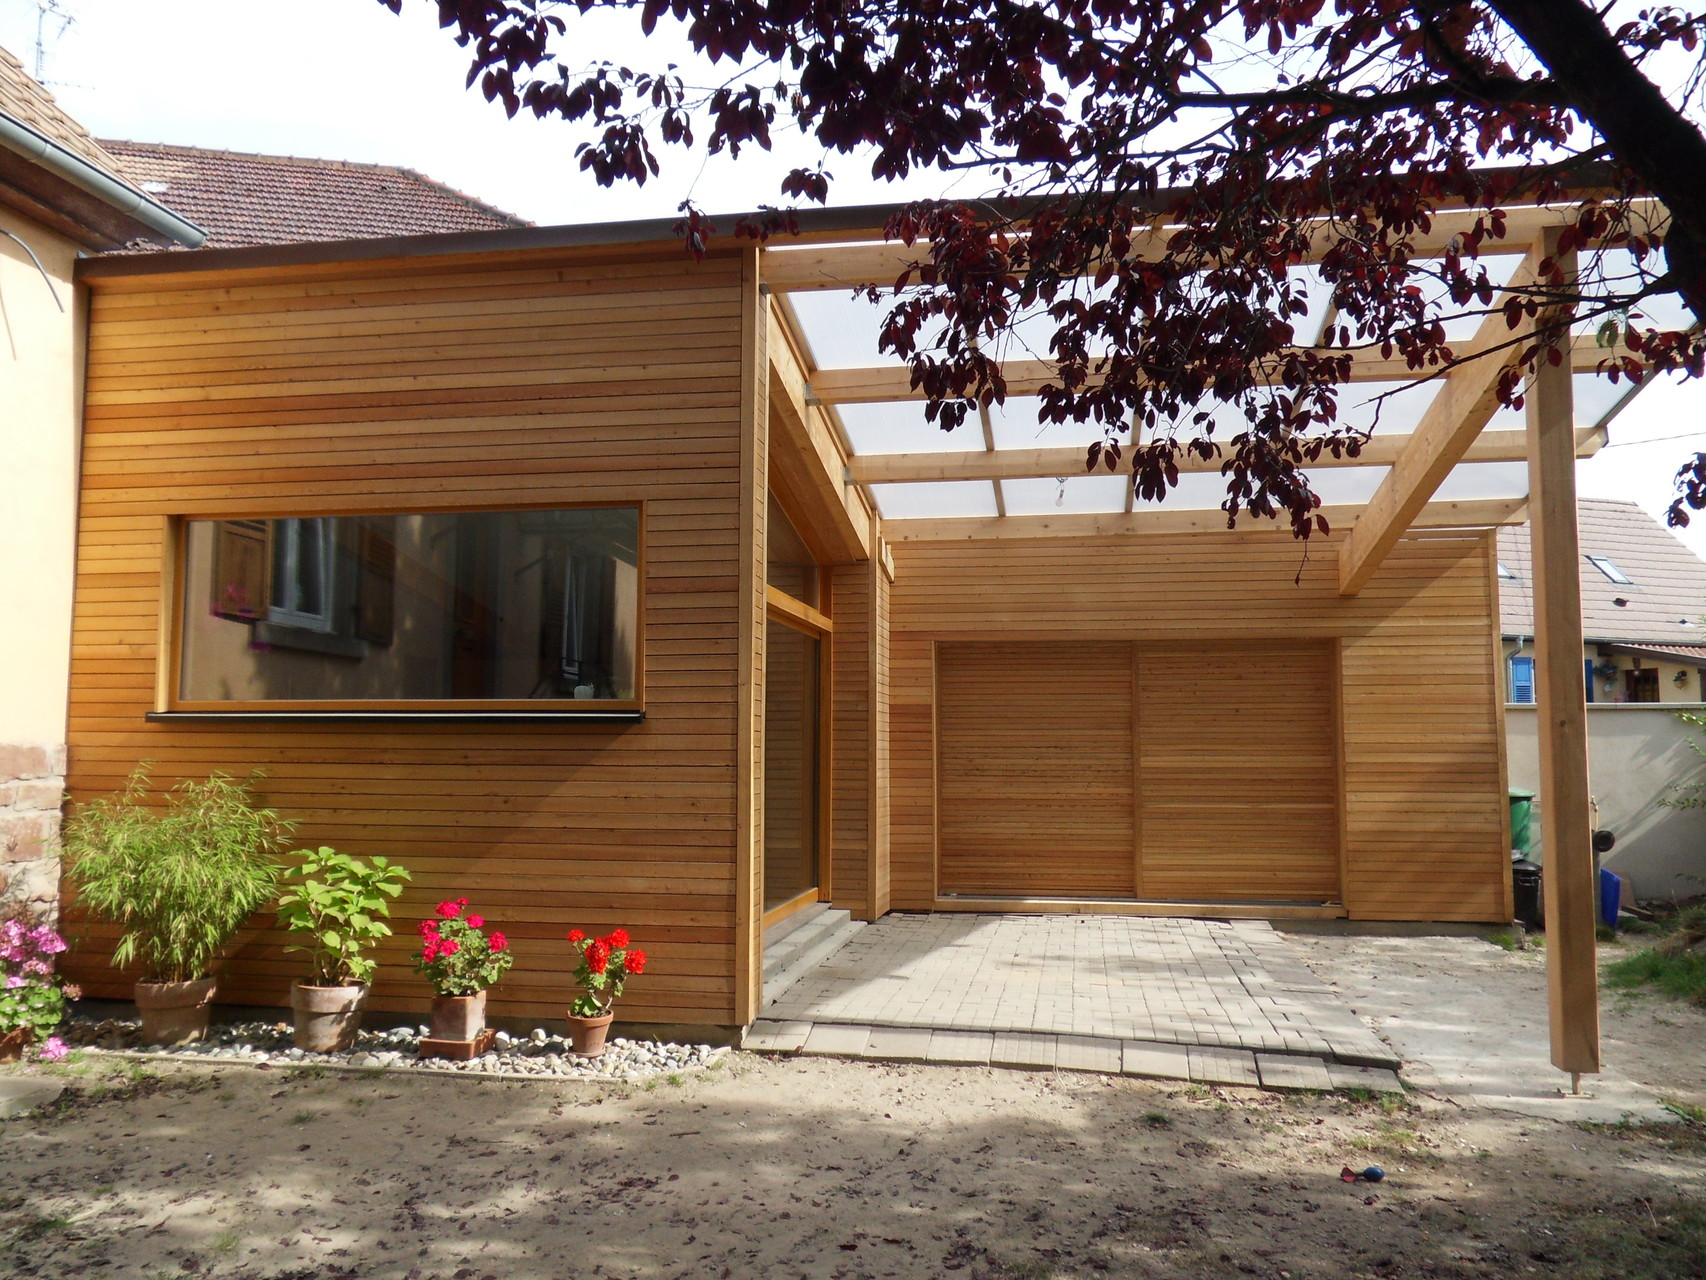 Ossature bois et bardage bois, menuiseries bois et couverture souple et polycarbonate